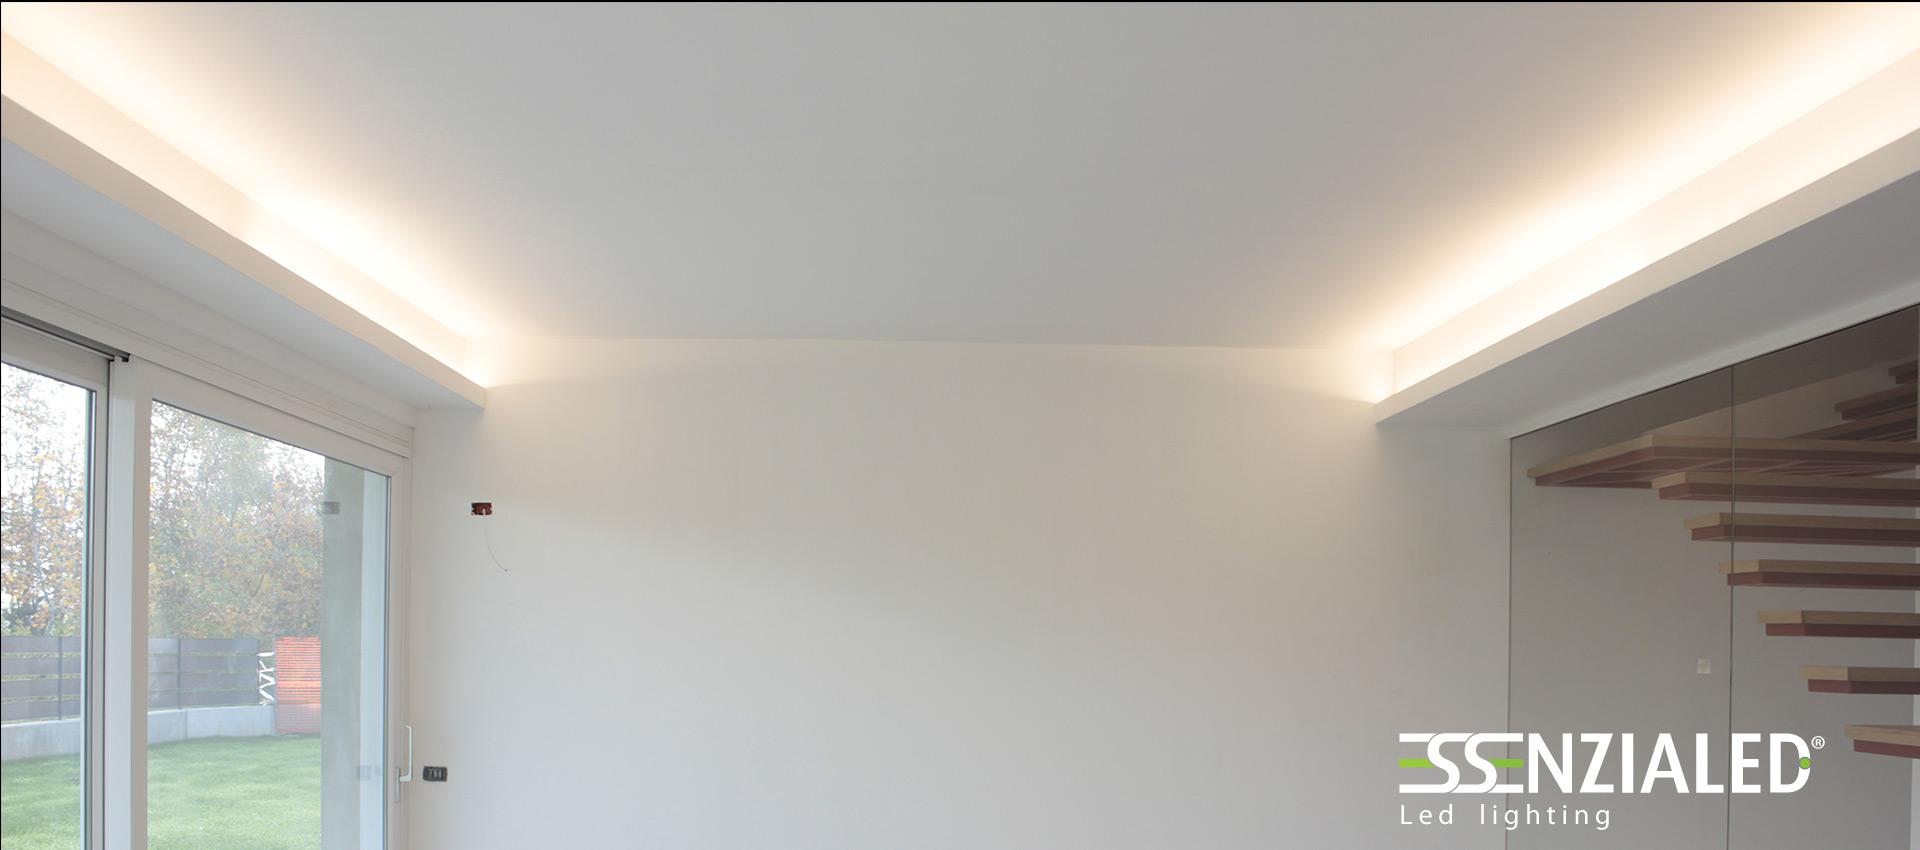 Luce da avvitare al mobile ispirazione interior design for Interior decorators mobile al